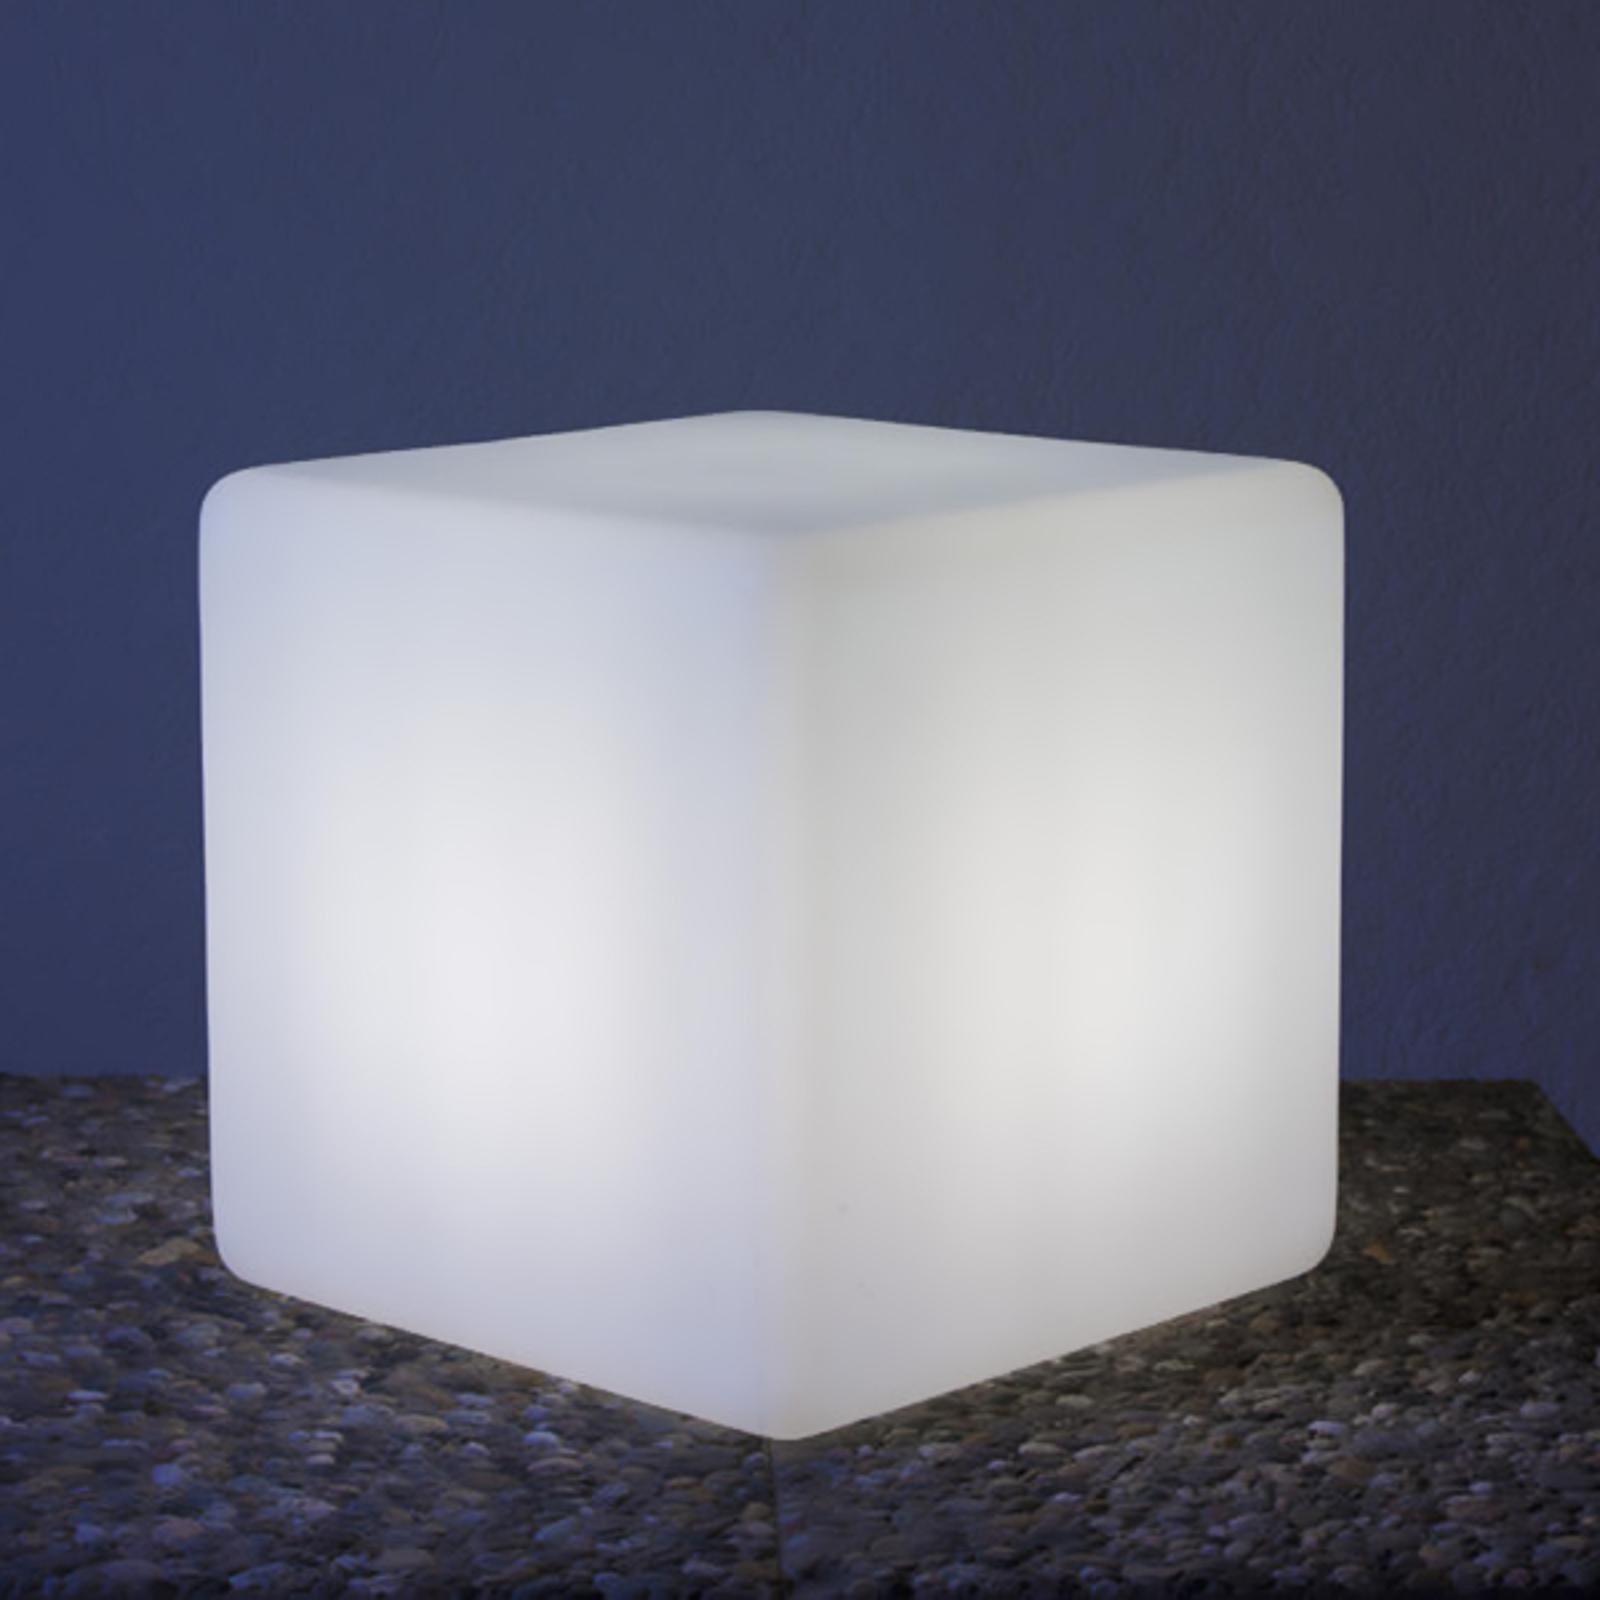 Kwalitatief hoogwaardige kubuslamp Cube, 35 cm